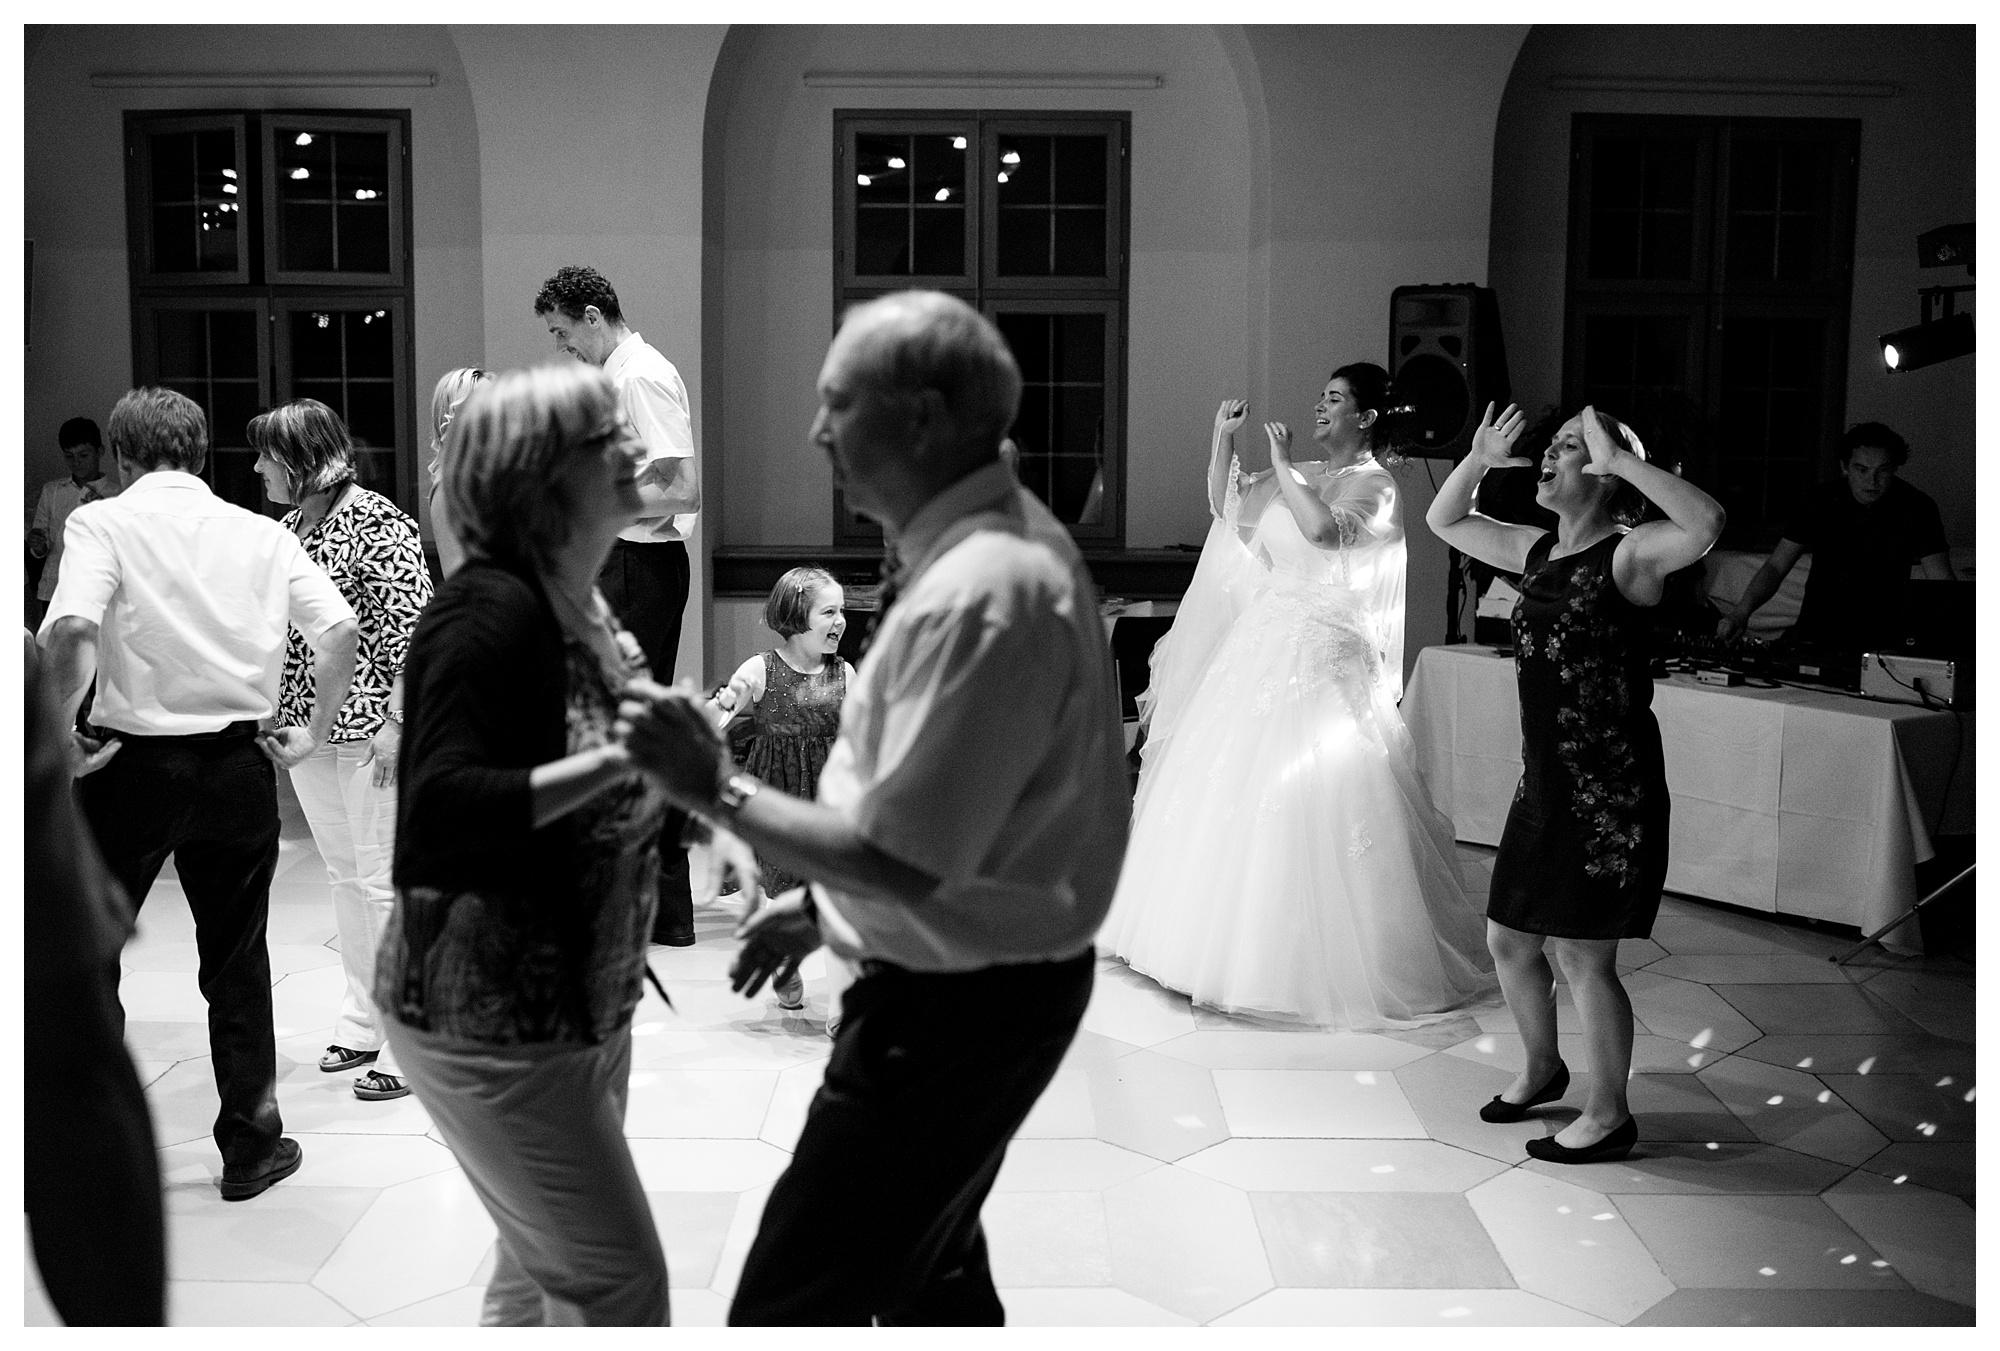 Fotograf Konstanz - Hochzeit Tanja Elmar Elmar Feuerbacher Photography Konstanz Messkirch Highlights 110 - Hochzeitsreportage von Tanja und Elmar im Schloss Meßkirch  - 209 -